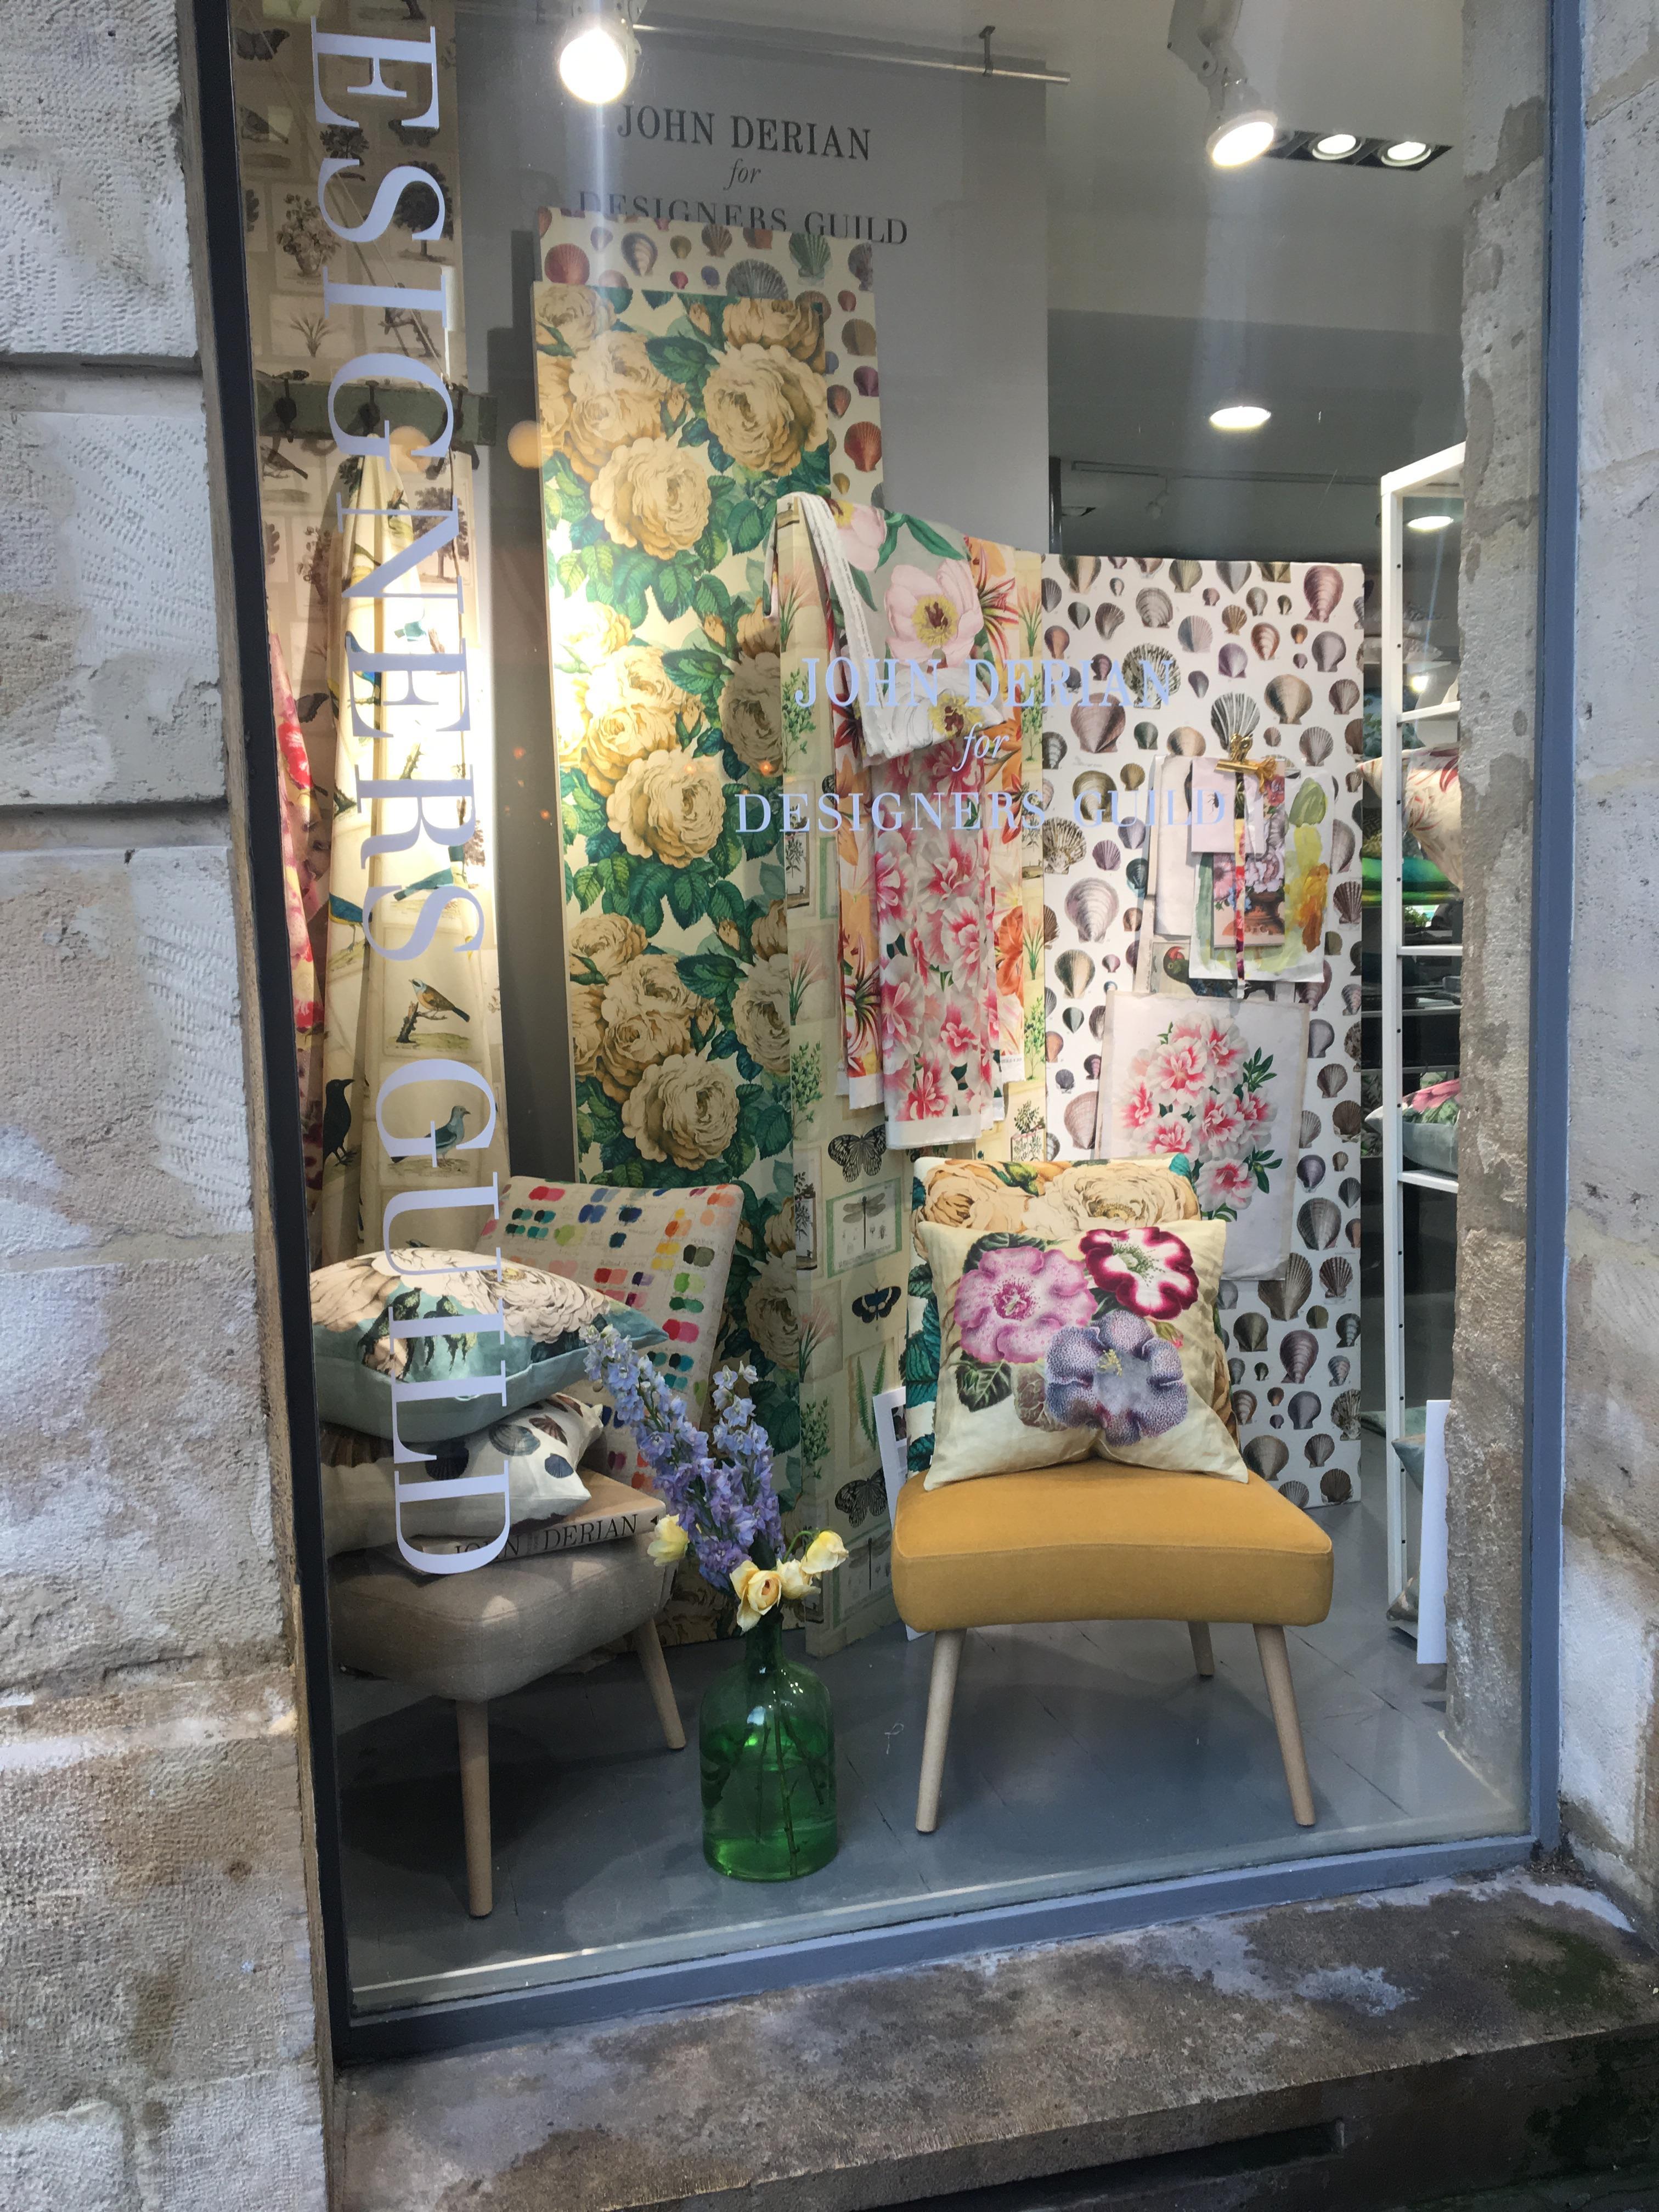 Designers Guild window, Paris Deco Off 2018